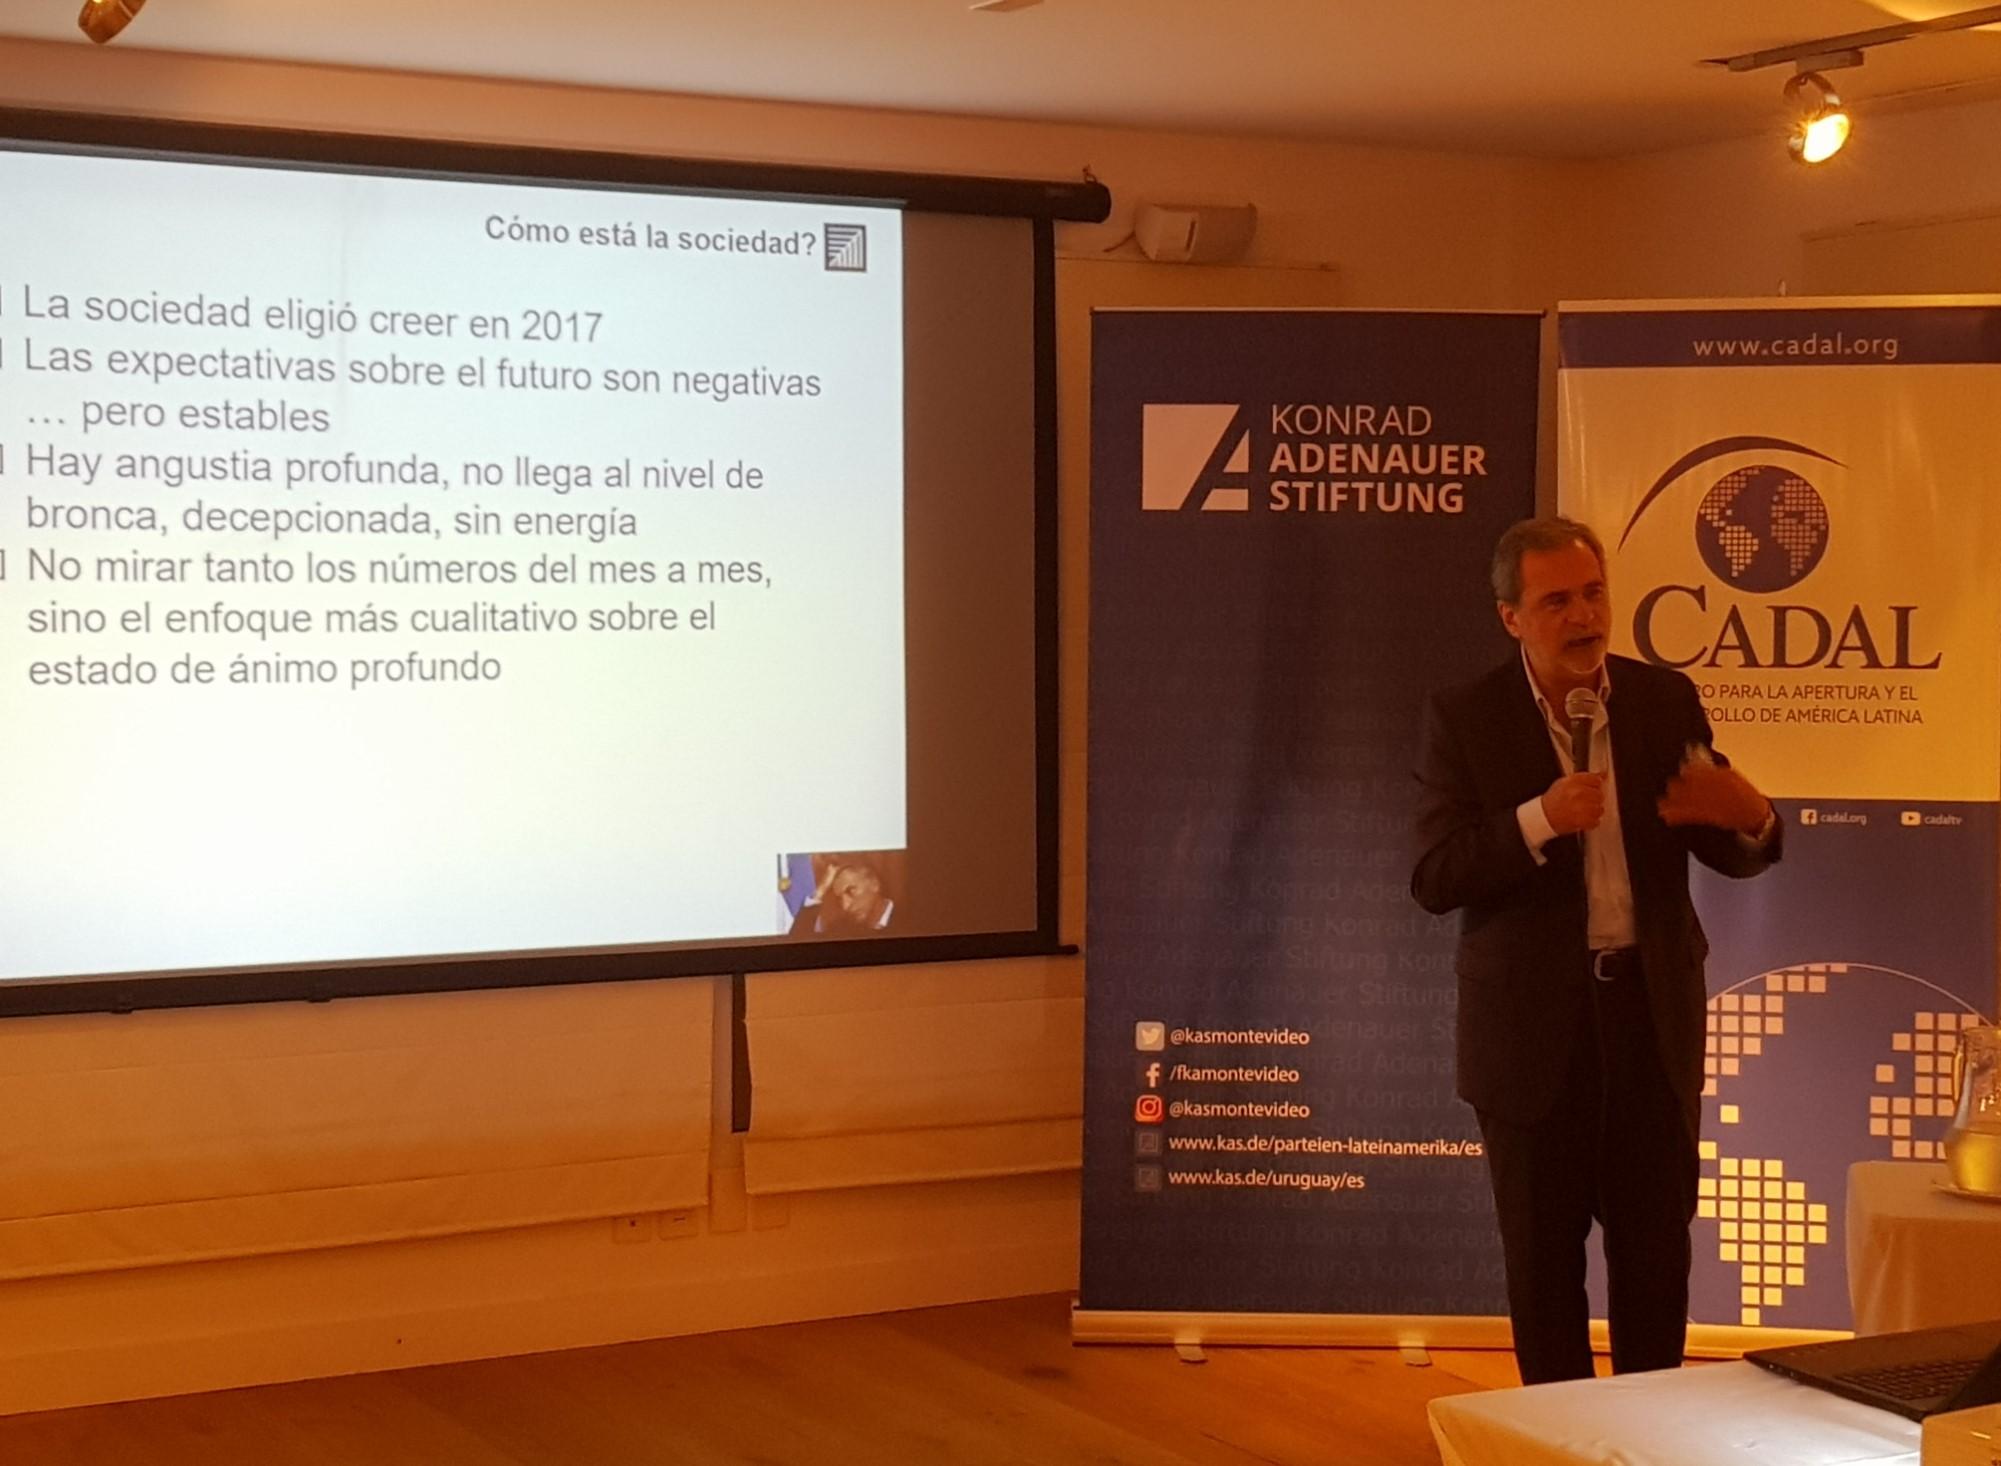 Argentina y Uruguay 2019: ¿continuidad o cambio?